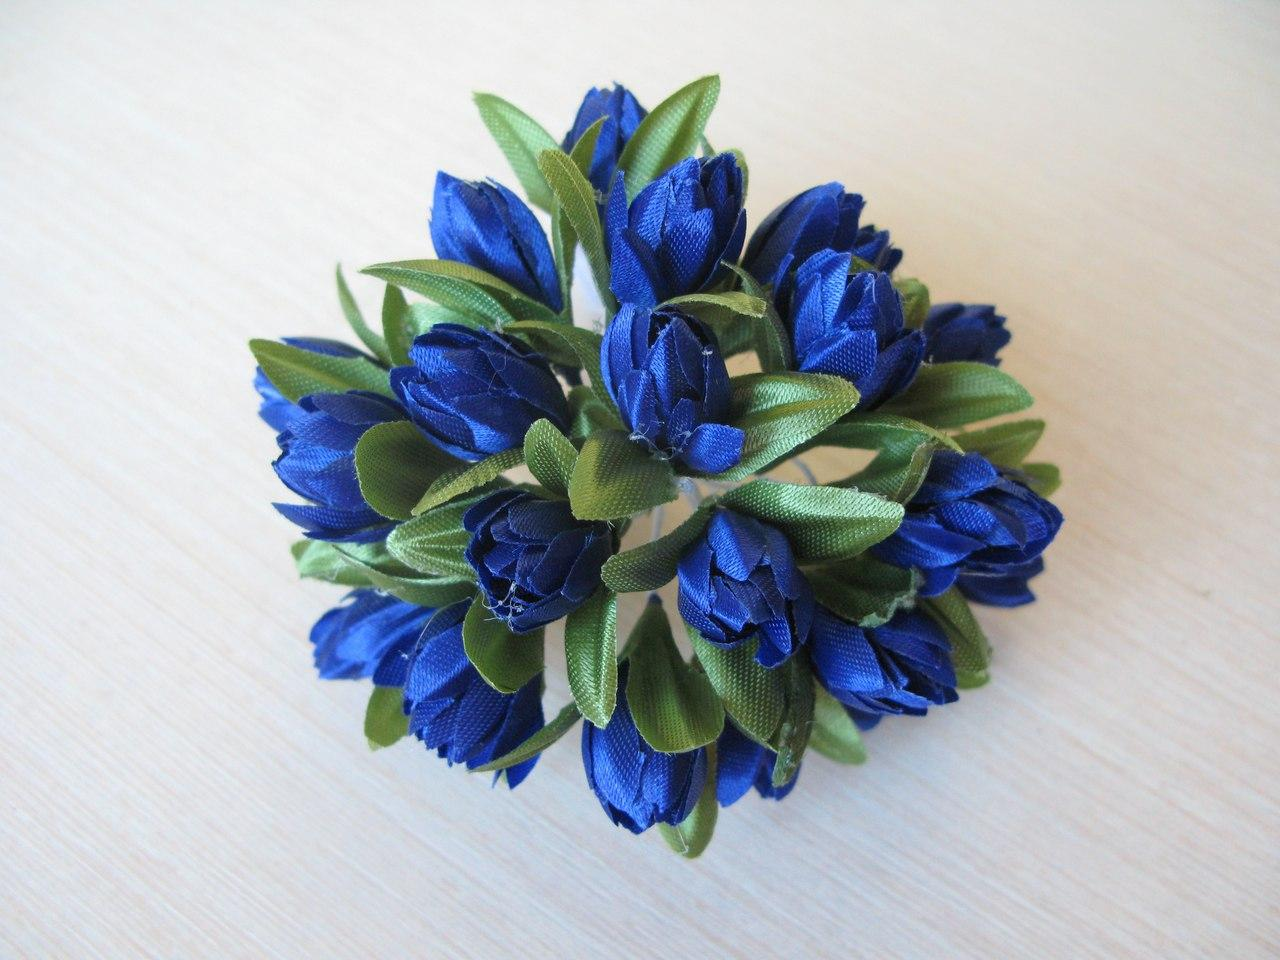 Тюльпаны из ткани синие  2 см - 20 шт, 28 грн